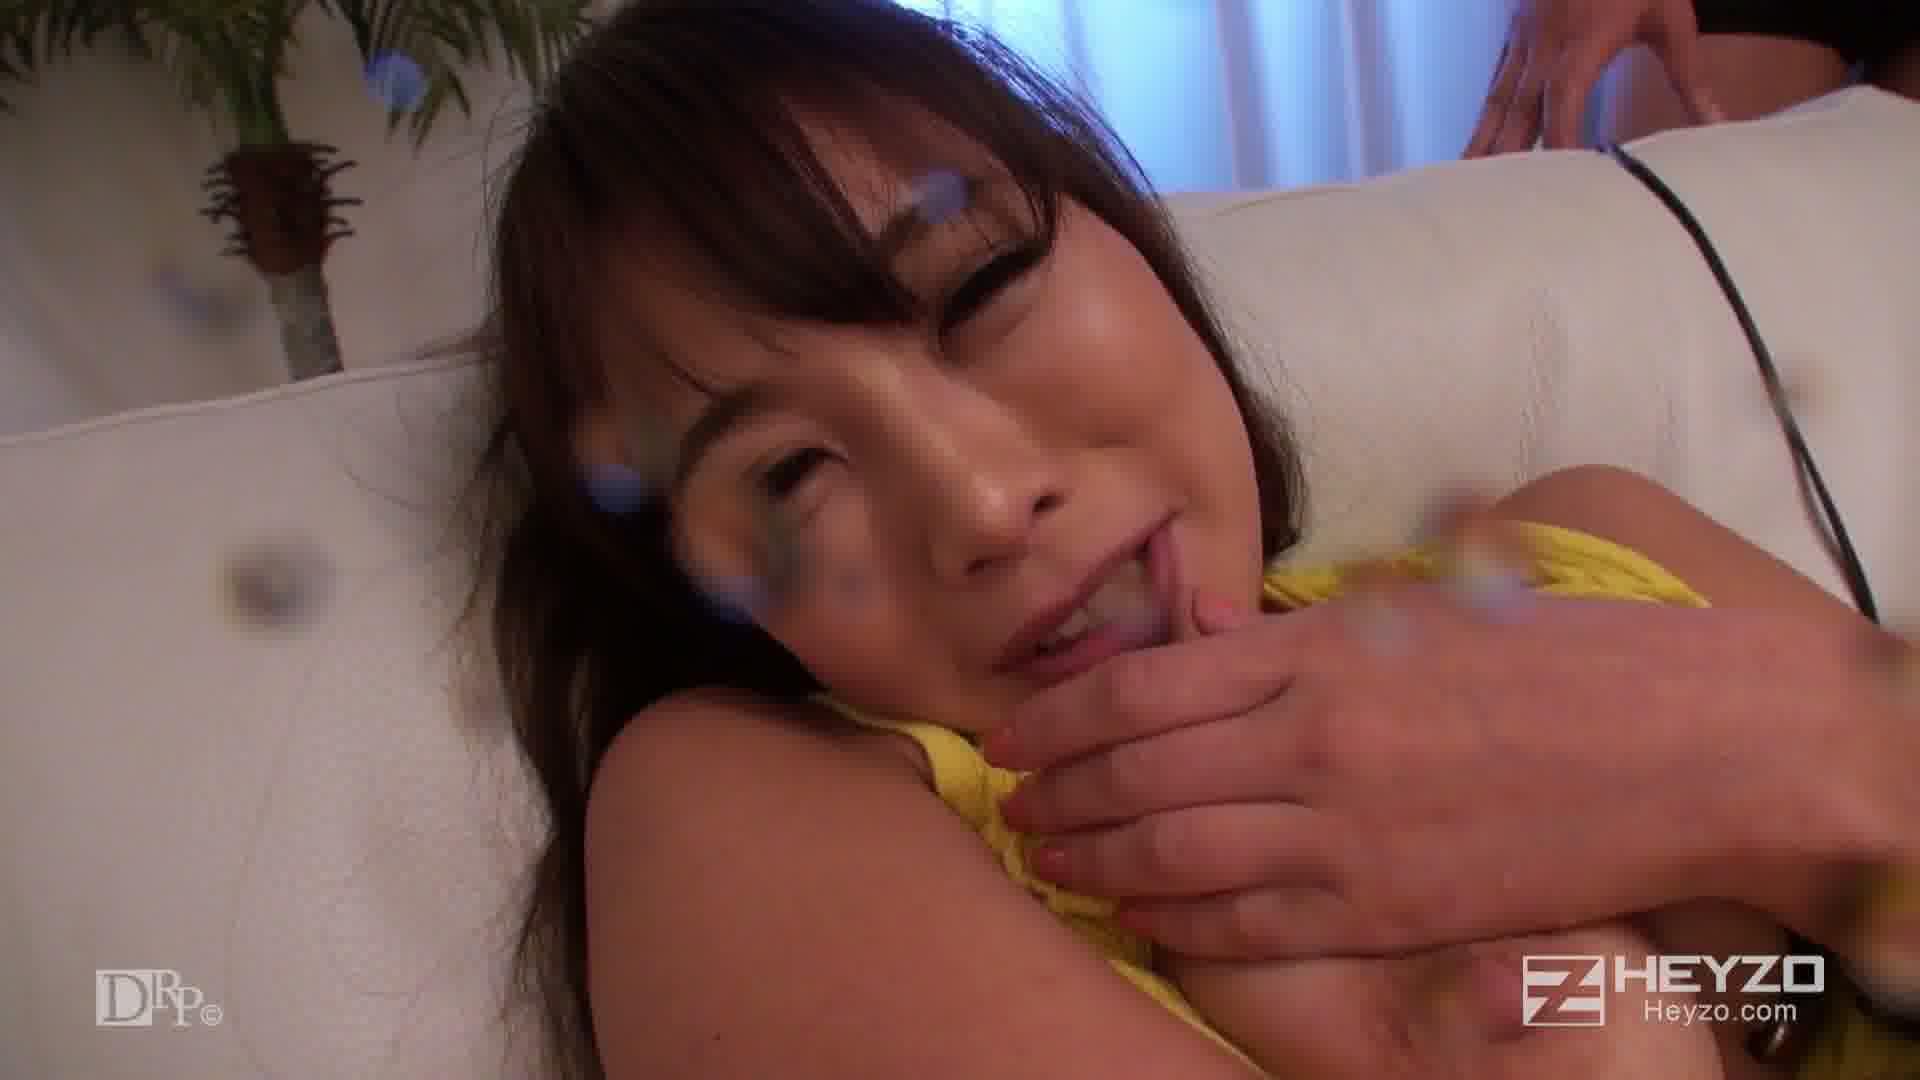 寸止めで焦らして!~巨乳微熟女を弄ぶ~ - 高瀬杏【電マ おもらし クンニ Wフェラチオ】